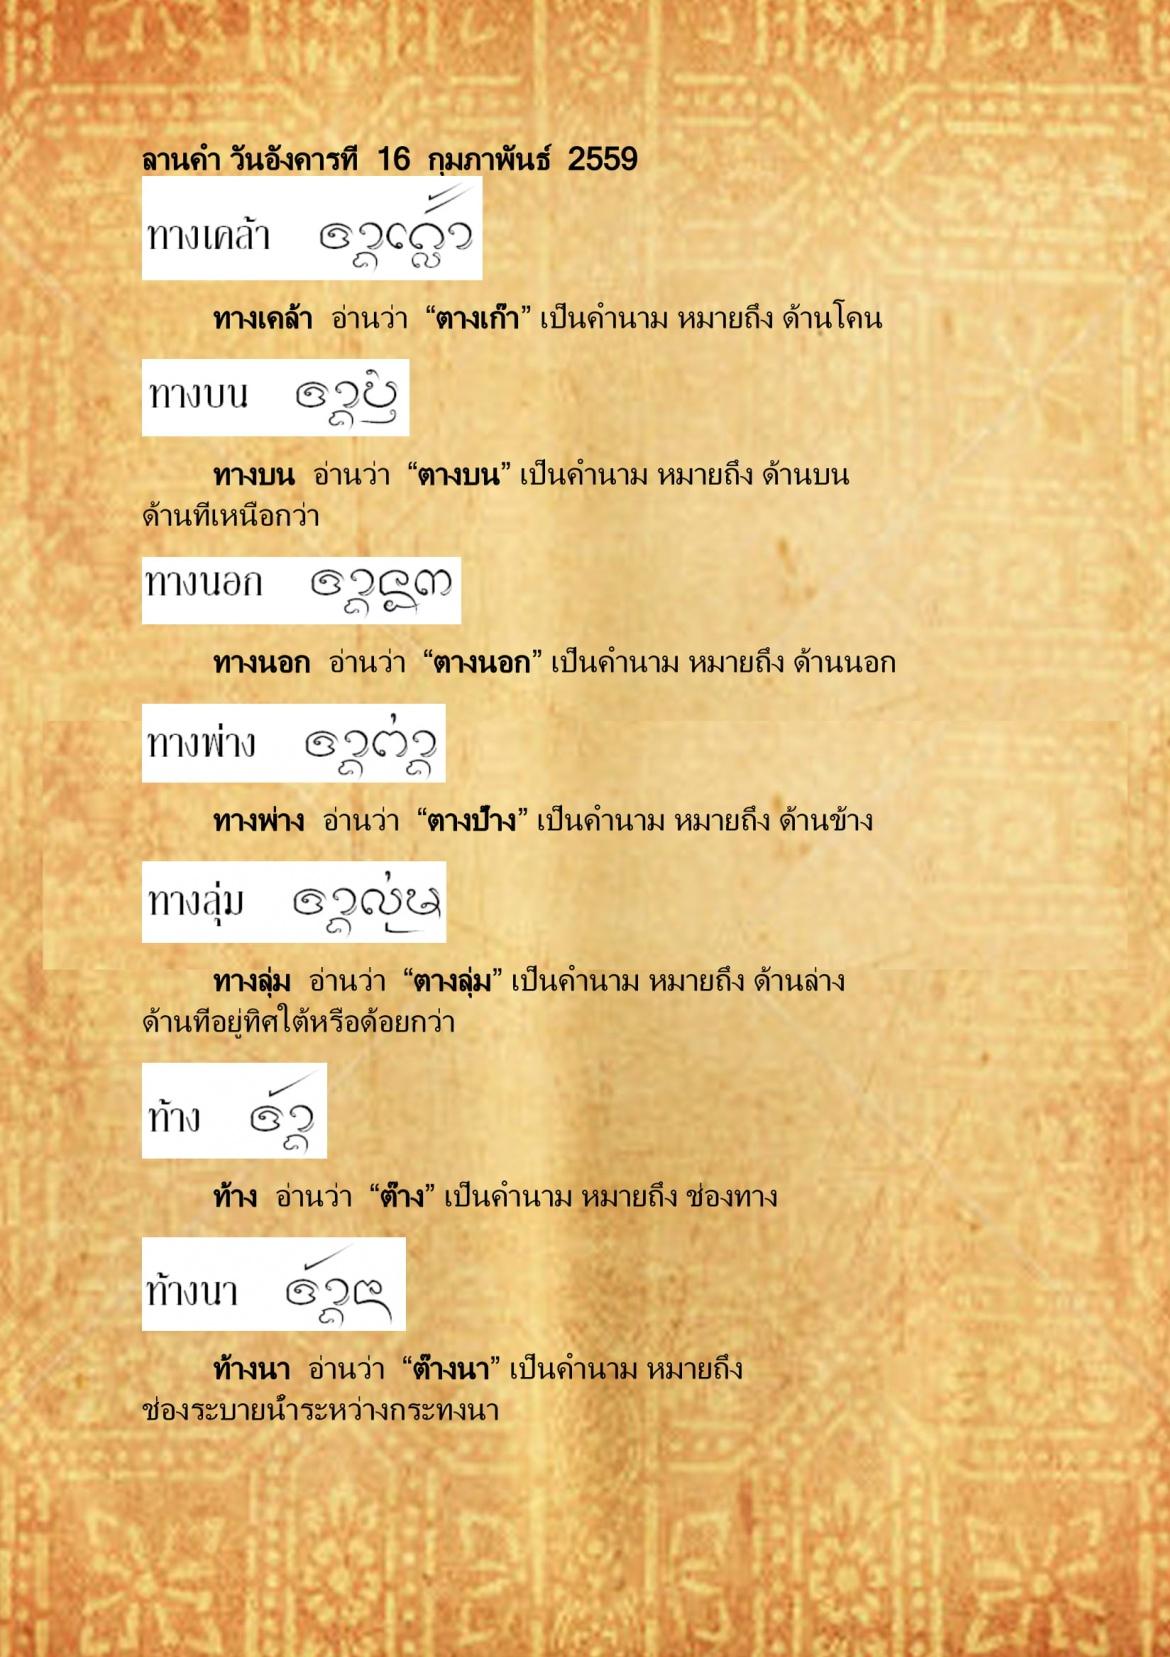 ทางเคล้า ท้างหัวนา - 16 กุมภาพันธ์ 2559